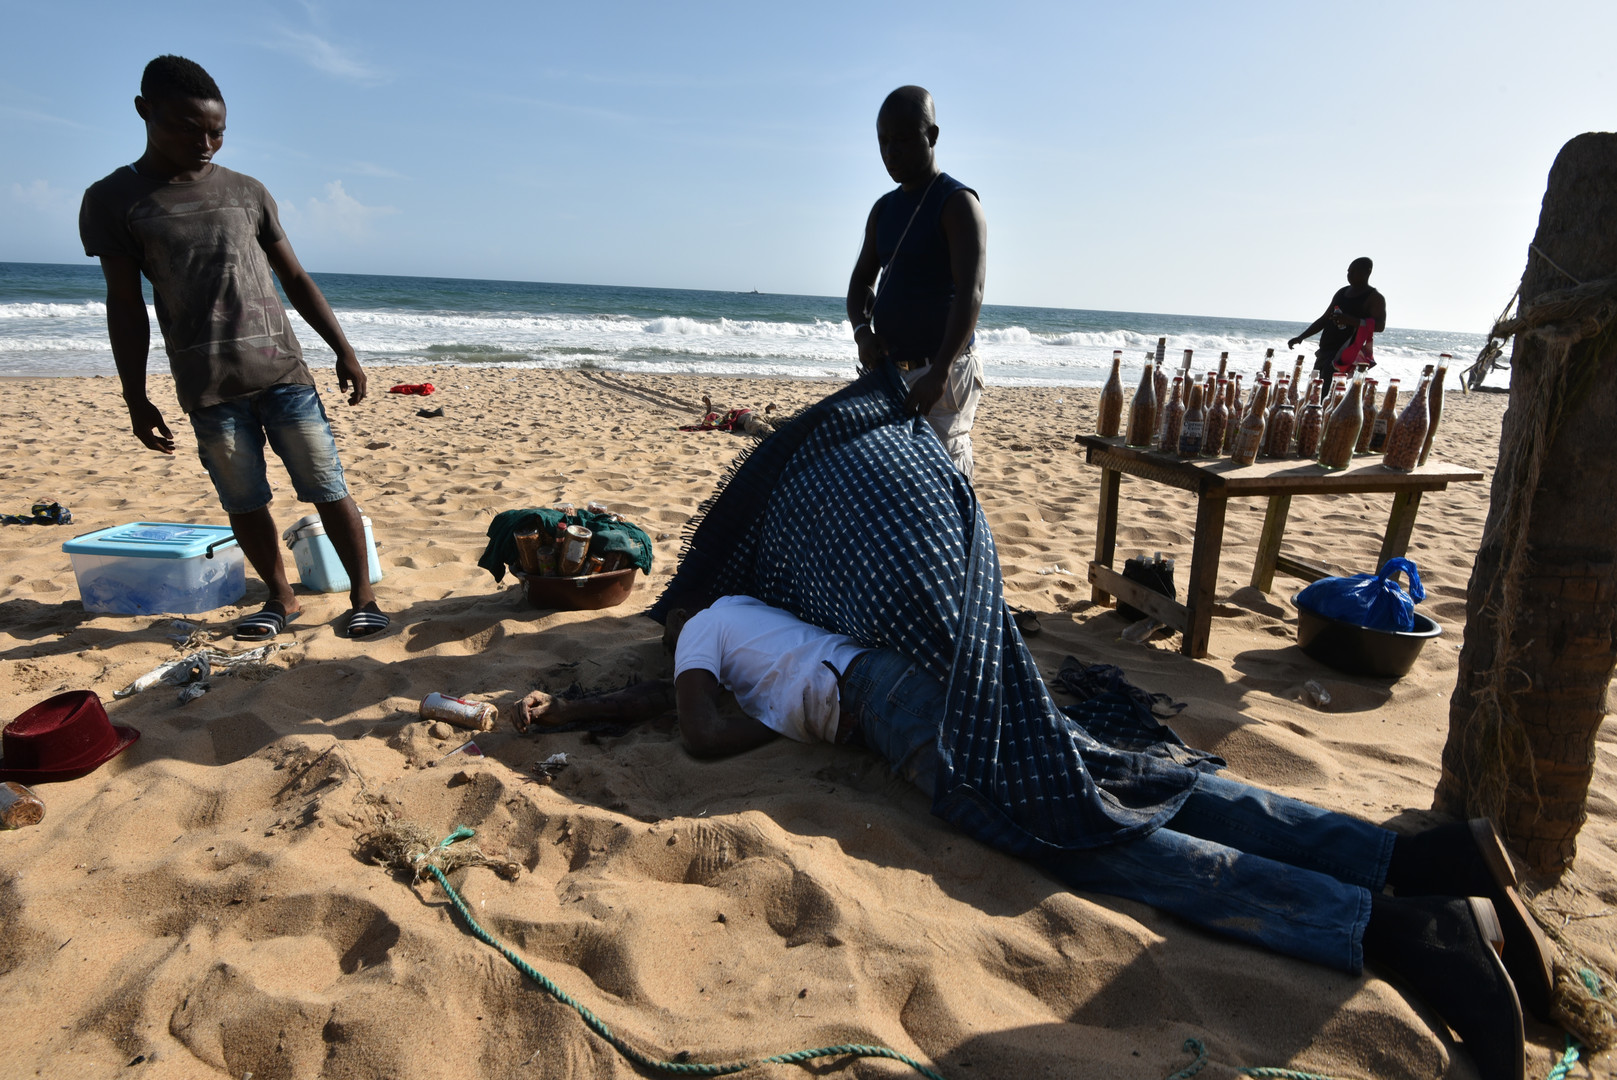 Le corps d'une victime de l'attaque à Grand-Bassam